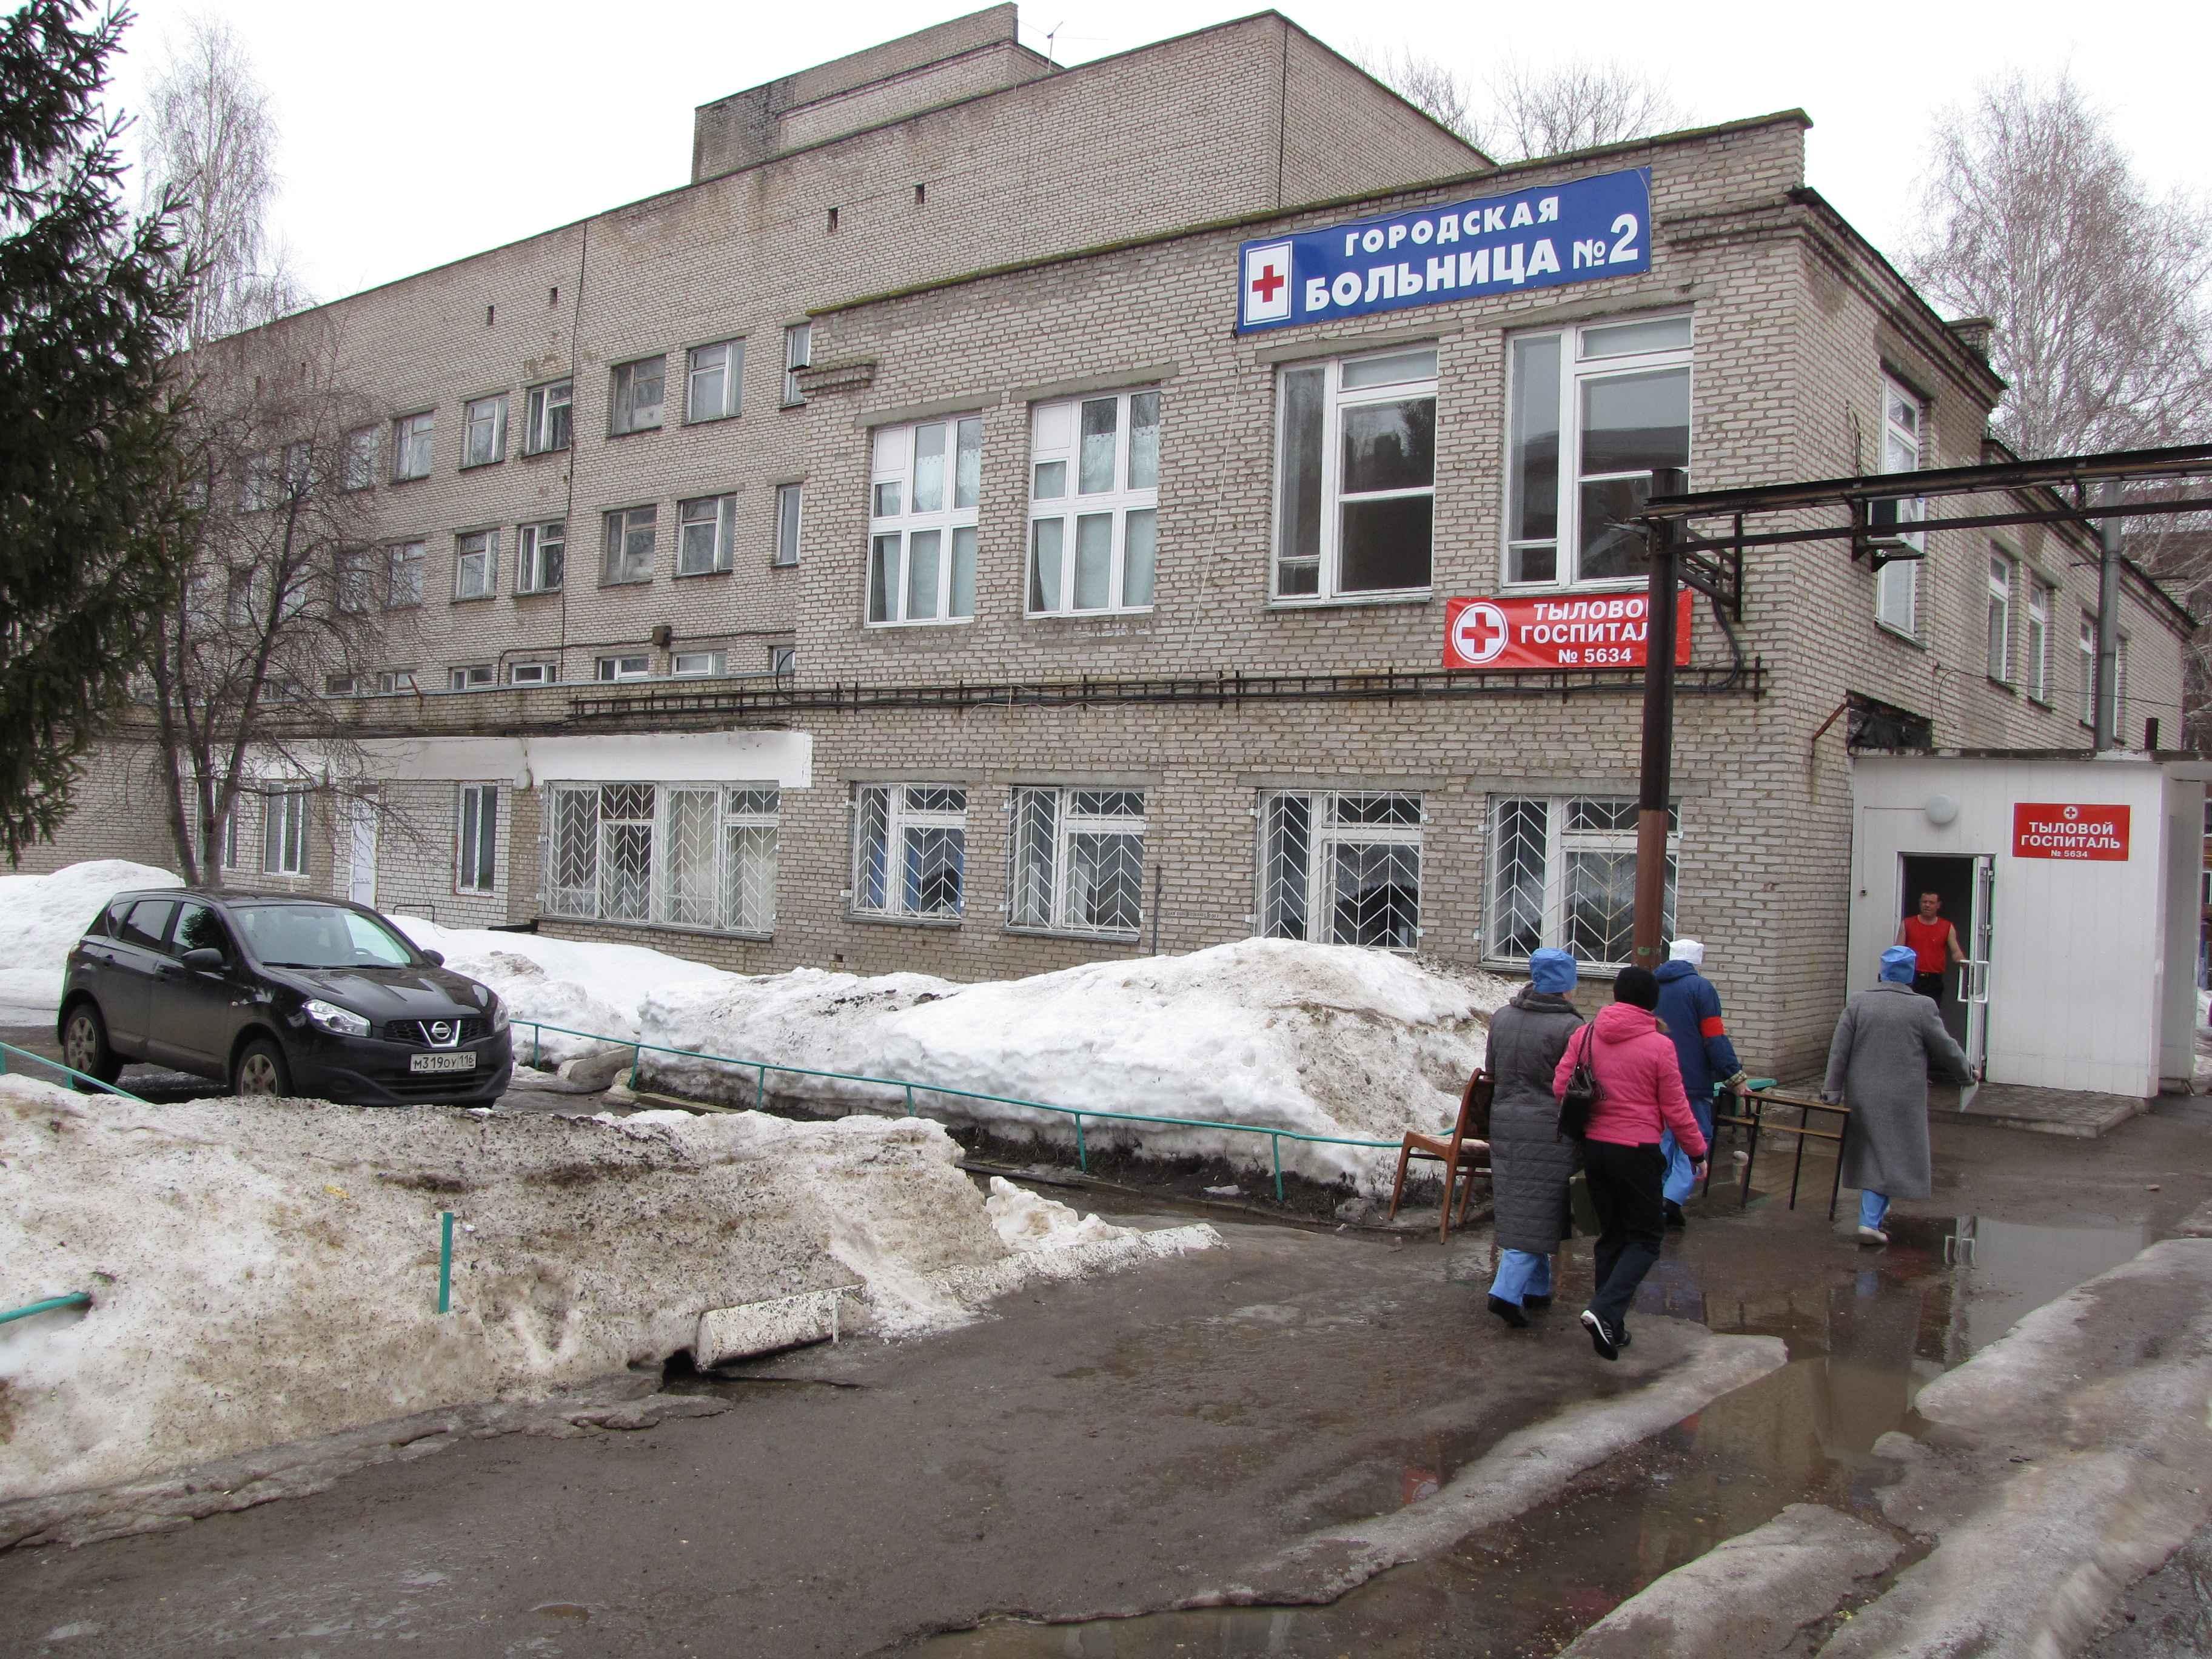 Медицинский информационный центр вологда